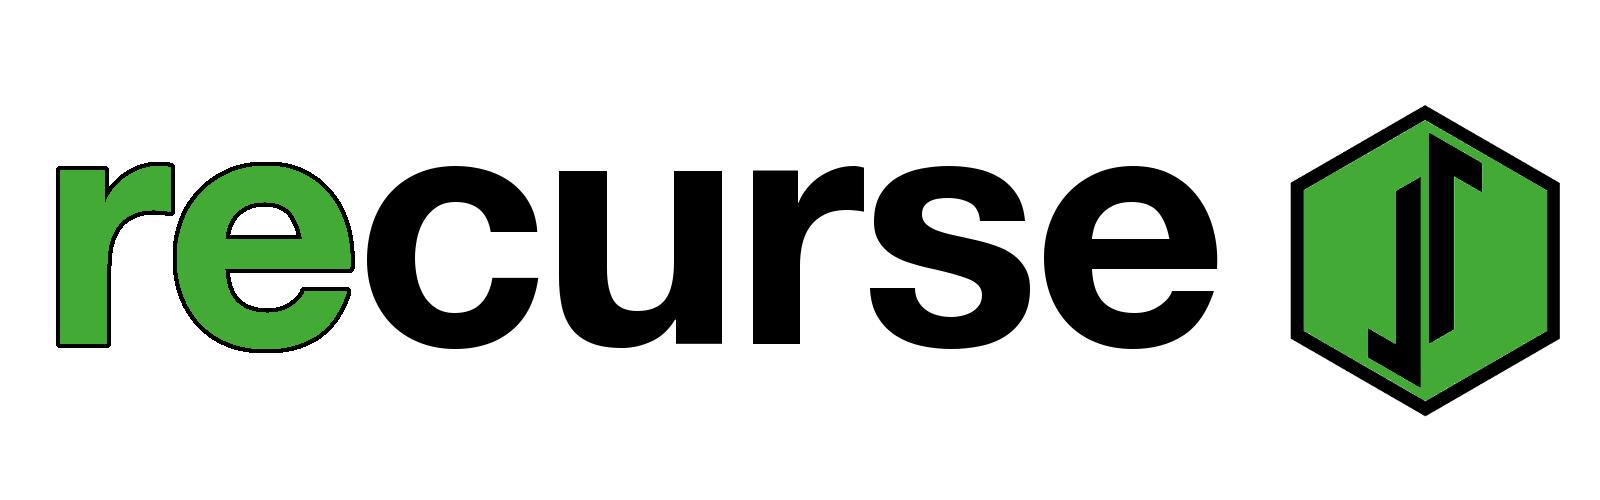 Recurse logo